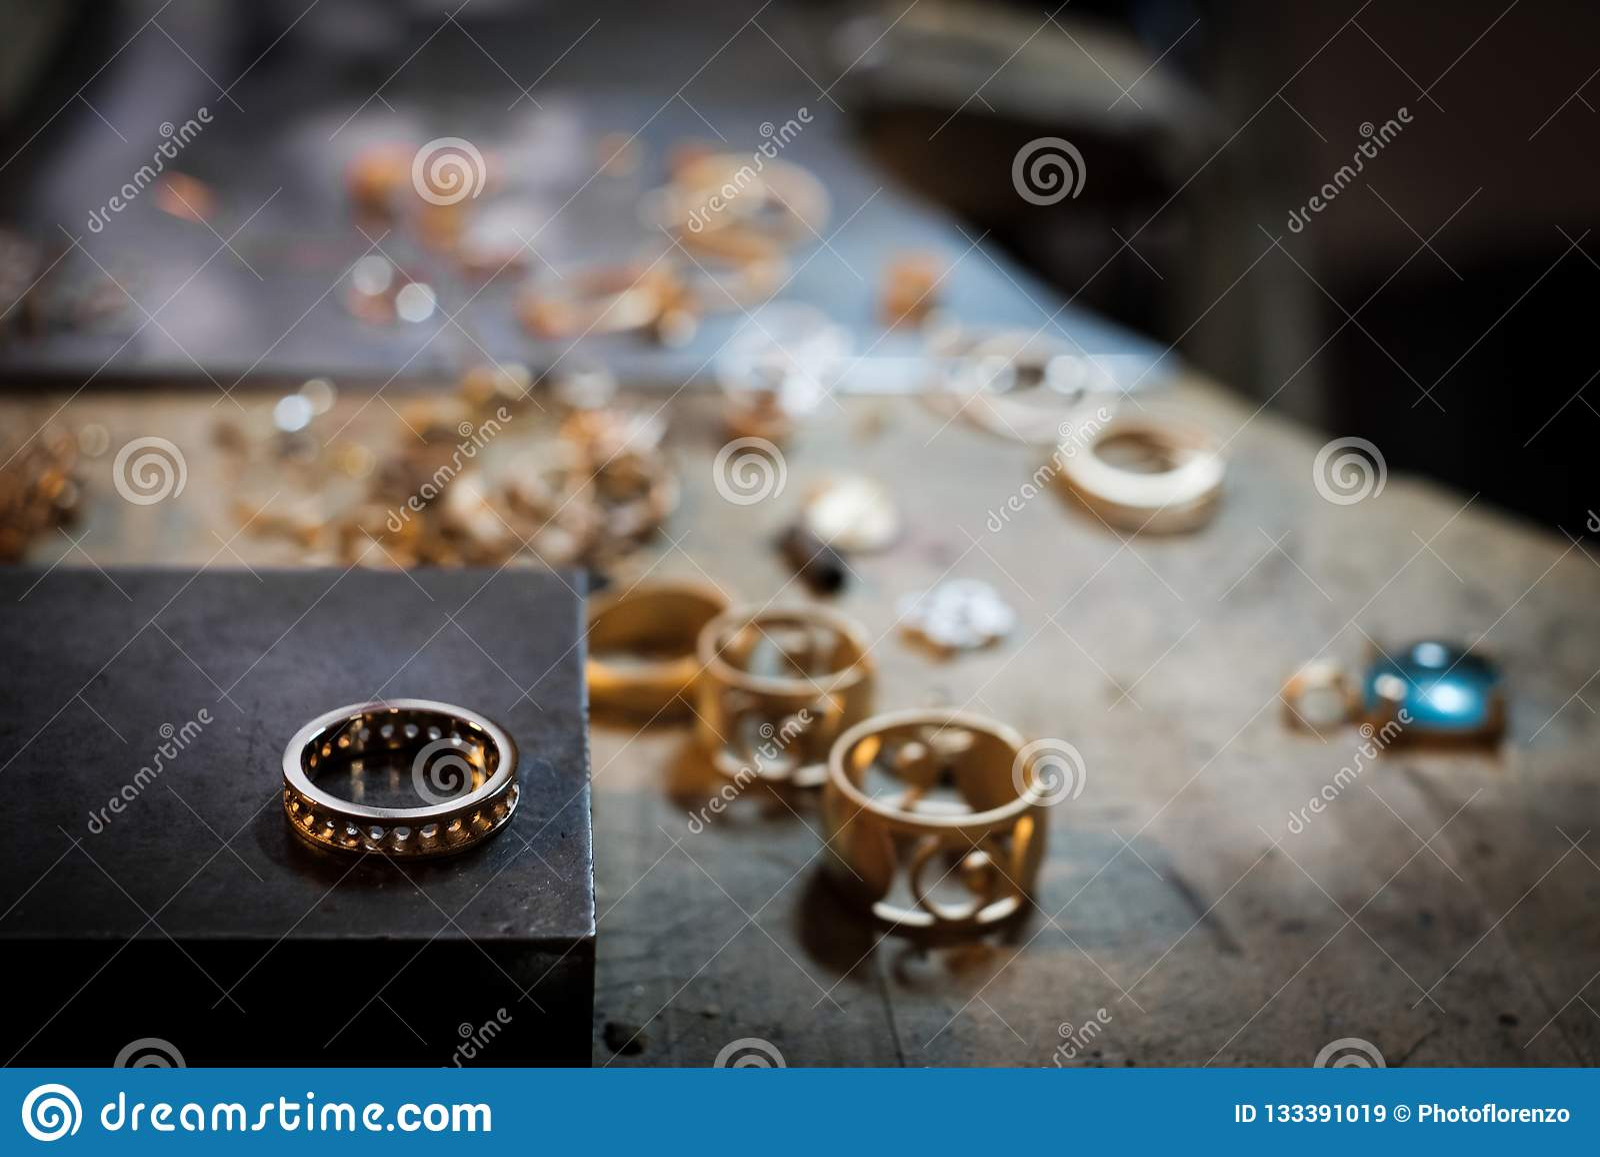 a24af7b8d9f6 Anillo de oro en el banco de trabajo viejo en un taller auténtico de la  joyería